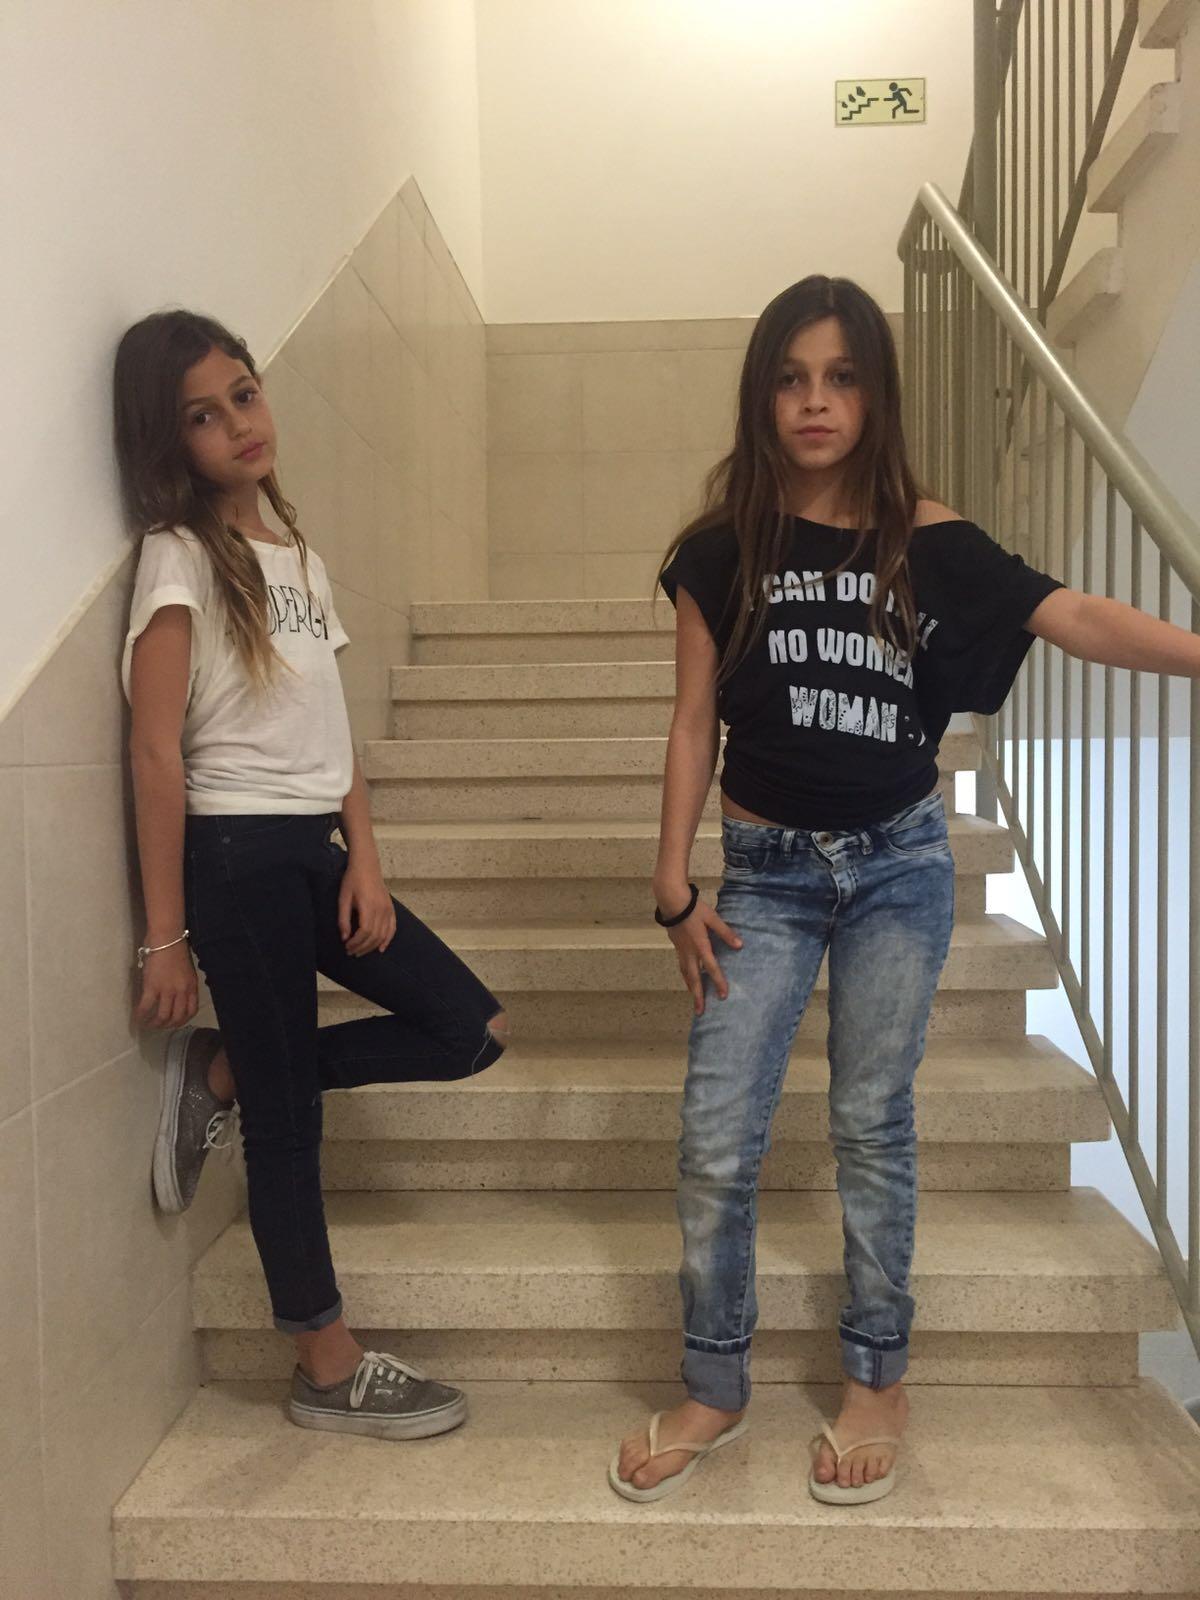 חולצות העצמה - מתחילה בכל גיל ילדות:)